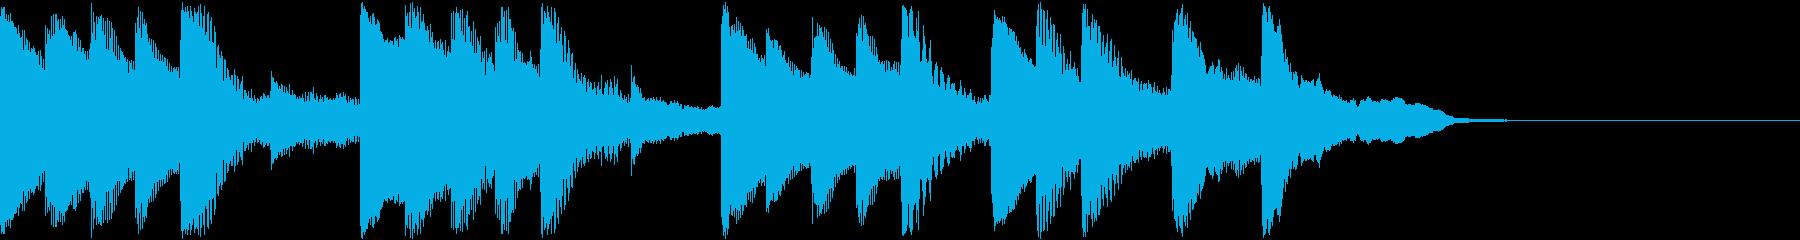 ゆるゆると眠くなるジングルの再生済みの波形